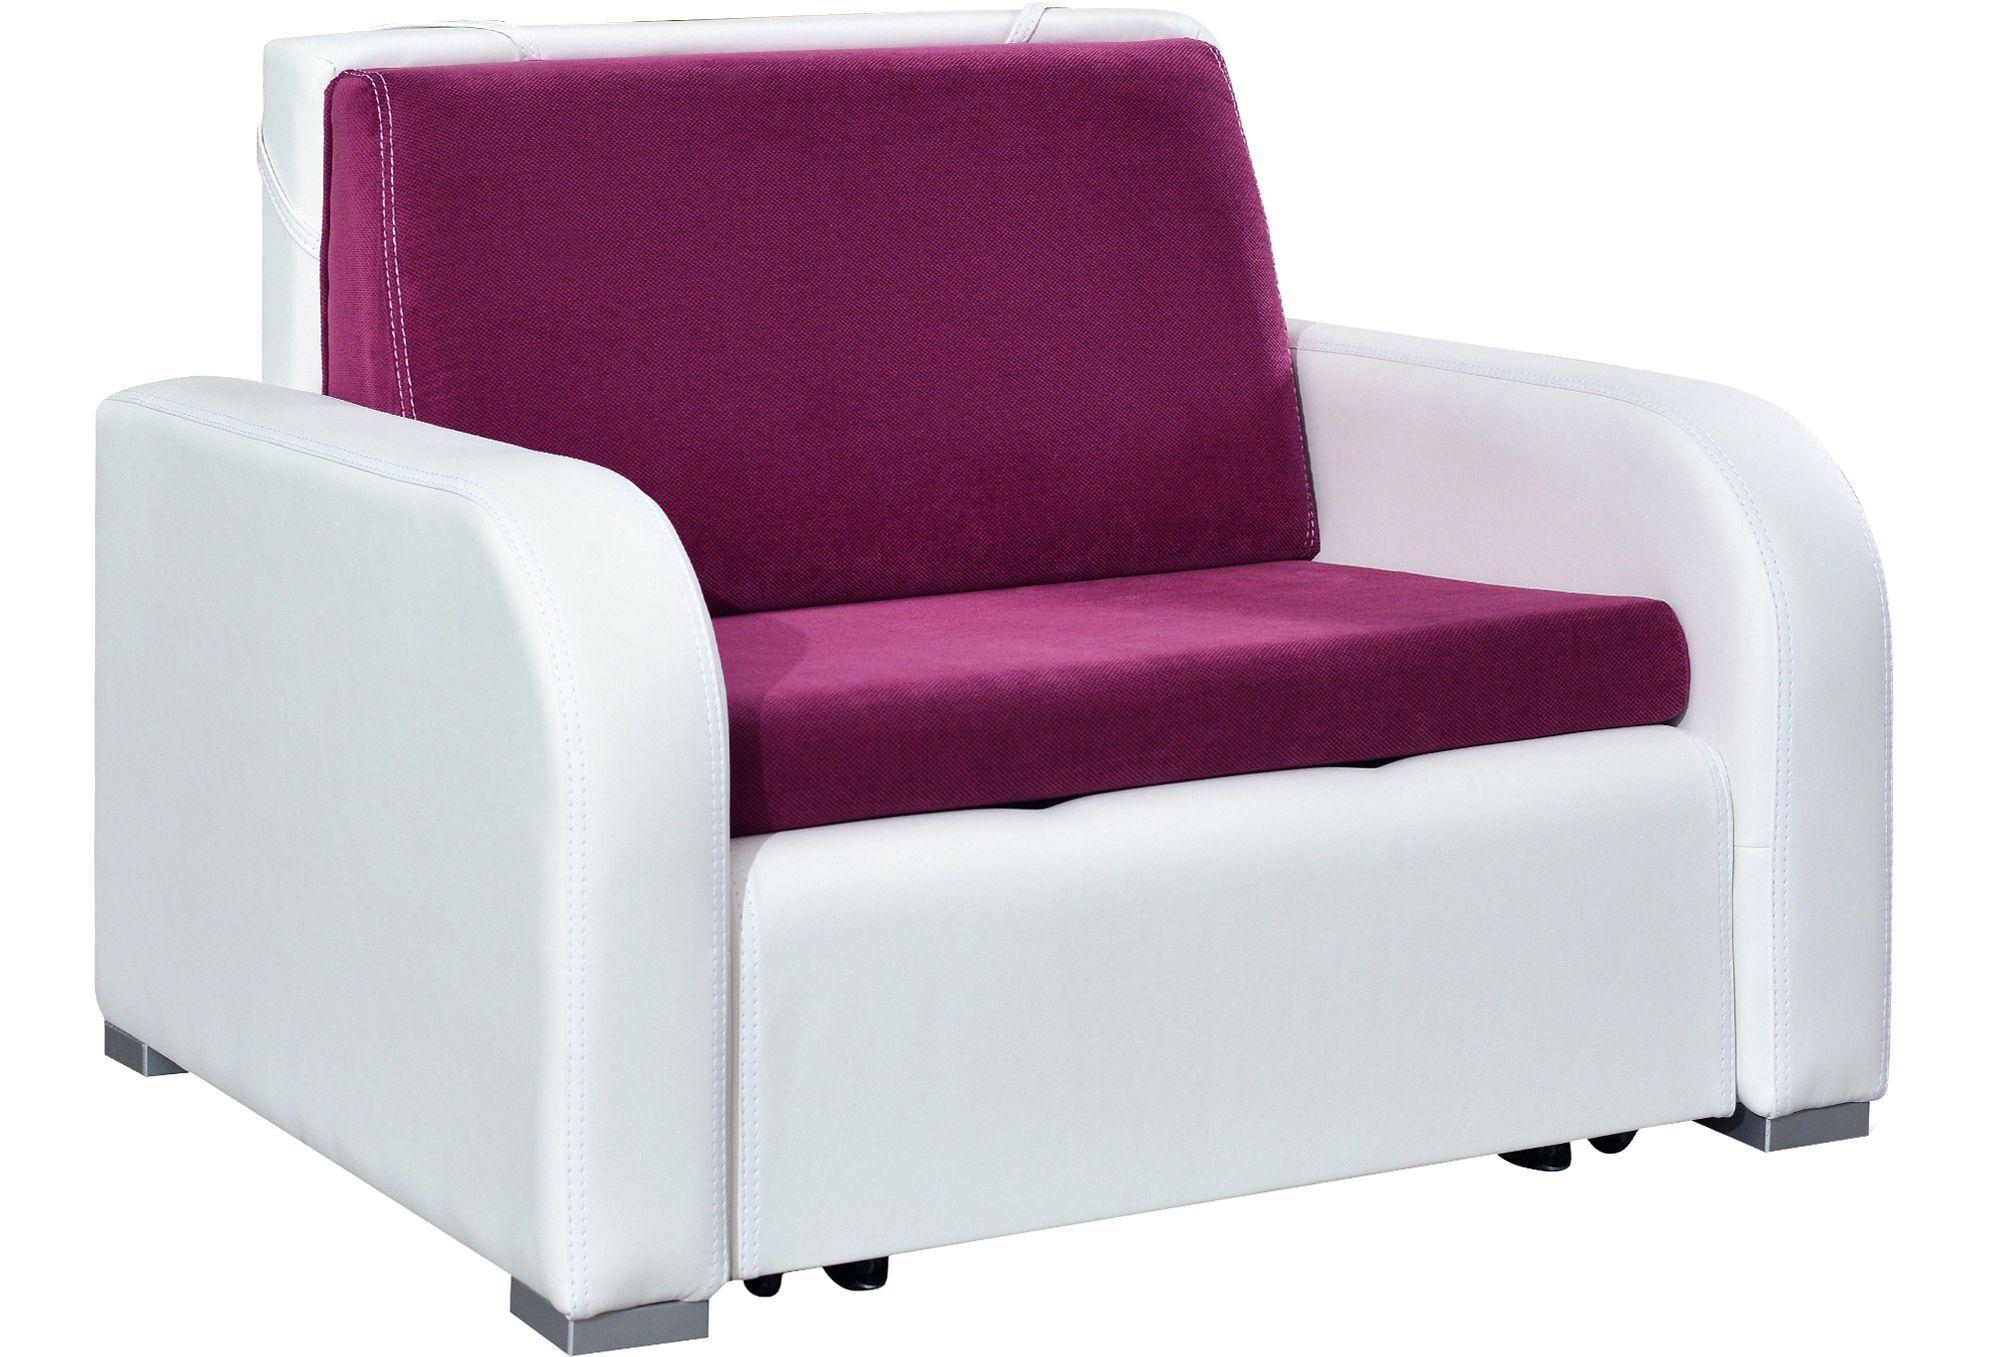 marta sofa 1r z funkcj� tkanina doti76madryt920ni�2500